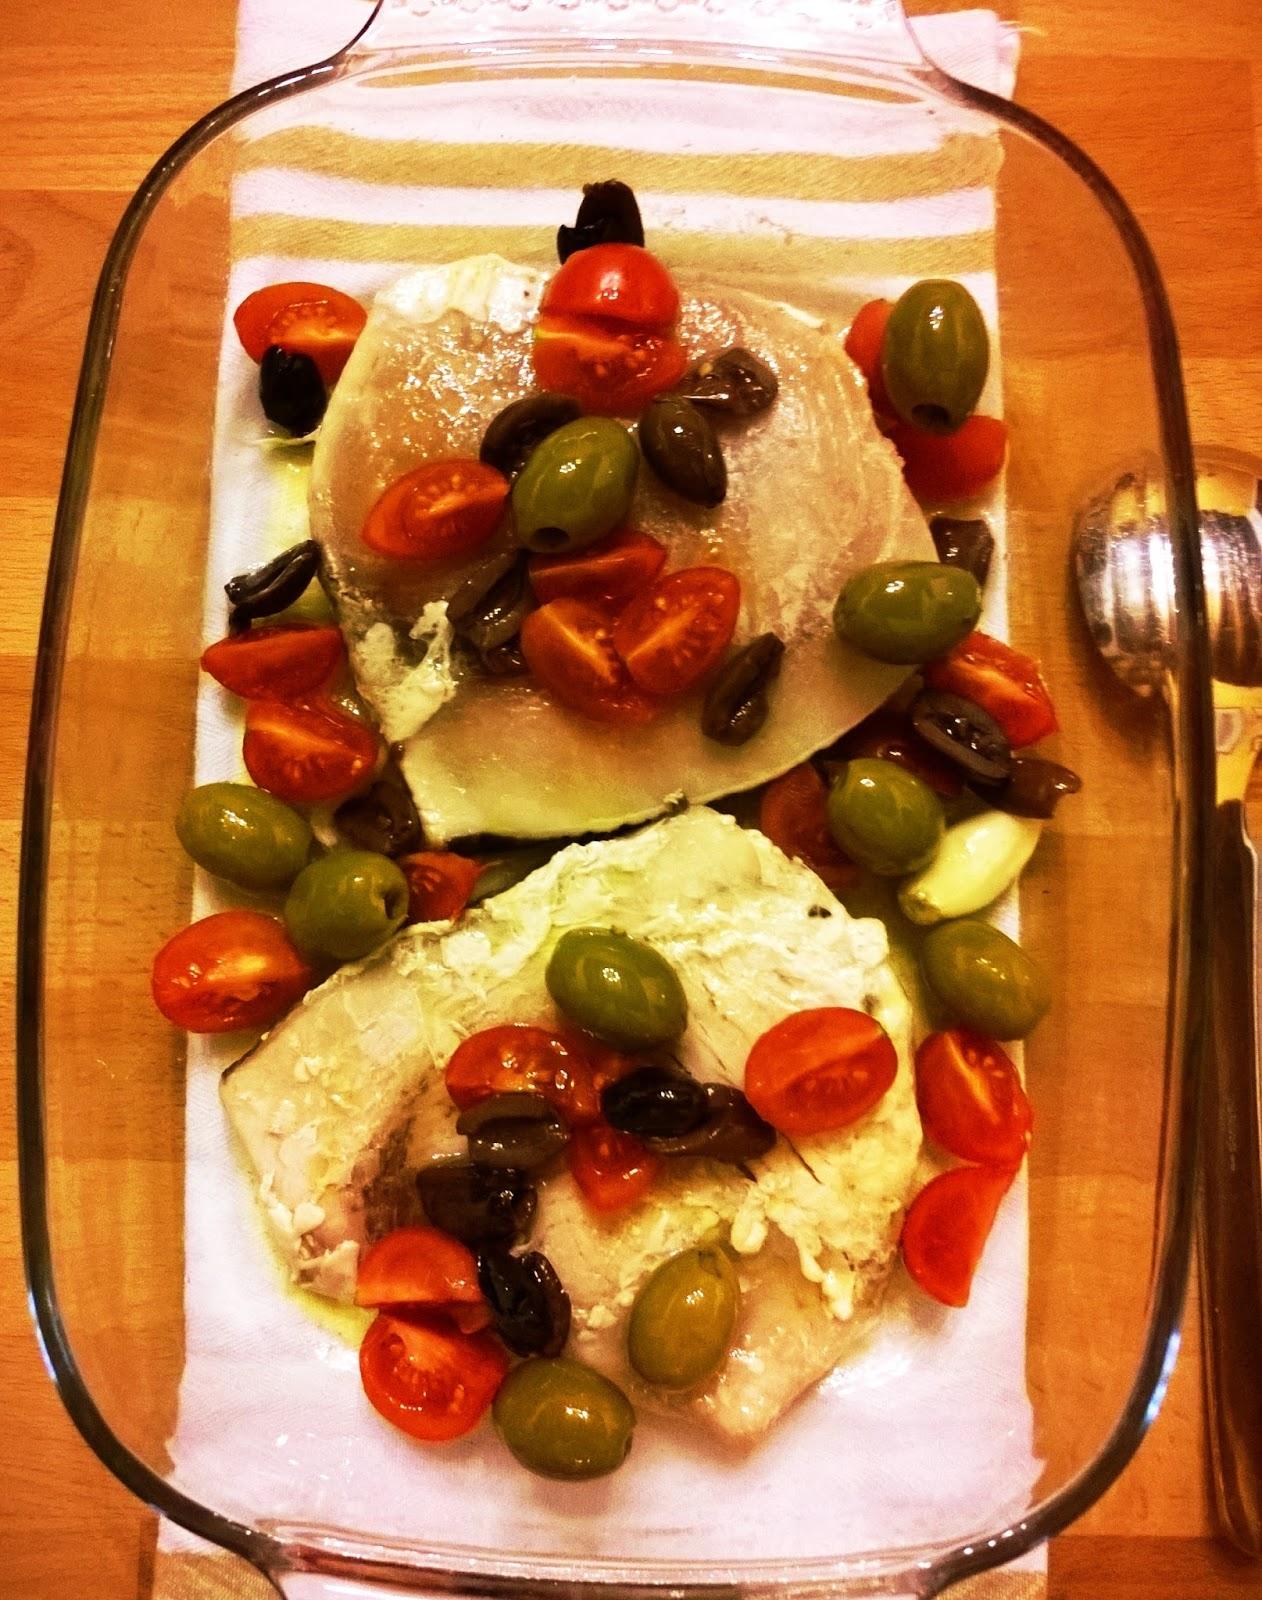 In cucina con mamma agnese pesce spada al forno con pomodorini e mix di olive - Olio di cocco cucina ...